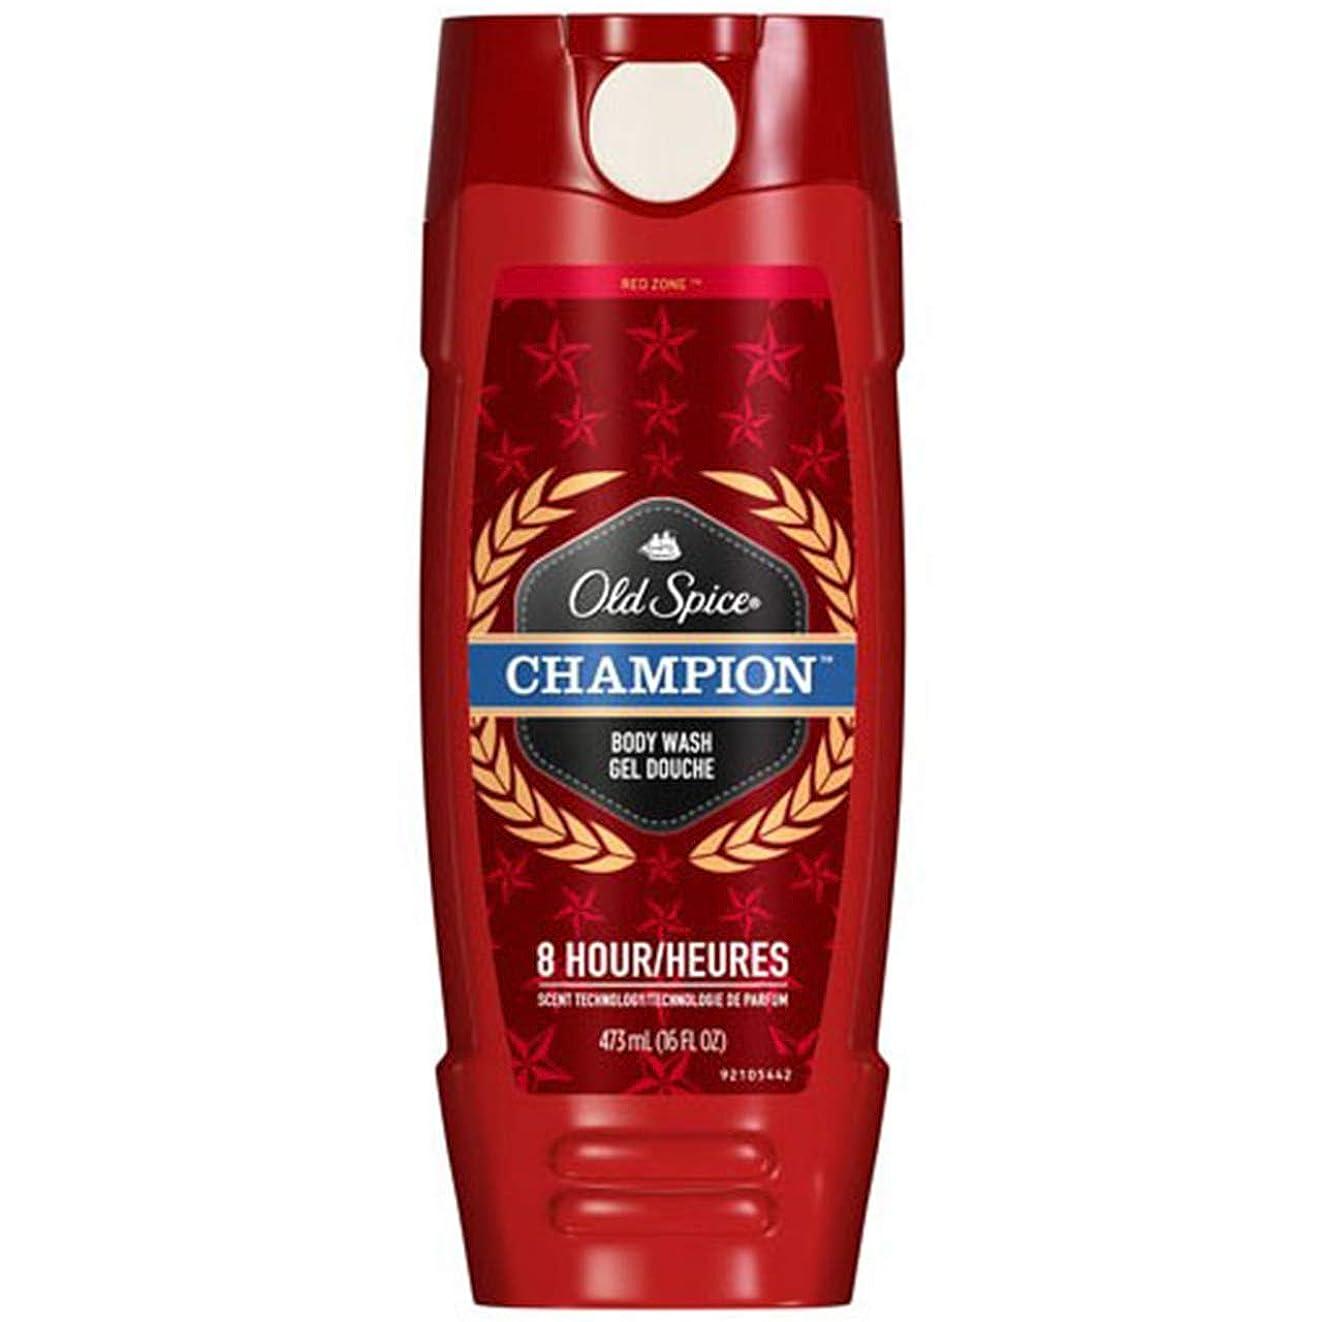 思い出す代表コートOld Spice オールドスパイス ボディーウォッシュジェル Red Zone Body Wash GEL 473ml 並行輸入品 (CHAMPION/チャンピオン) [並行輸入品]